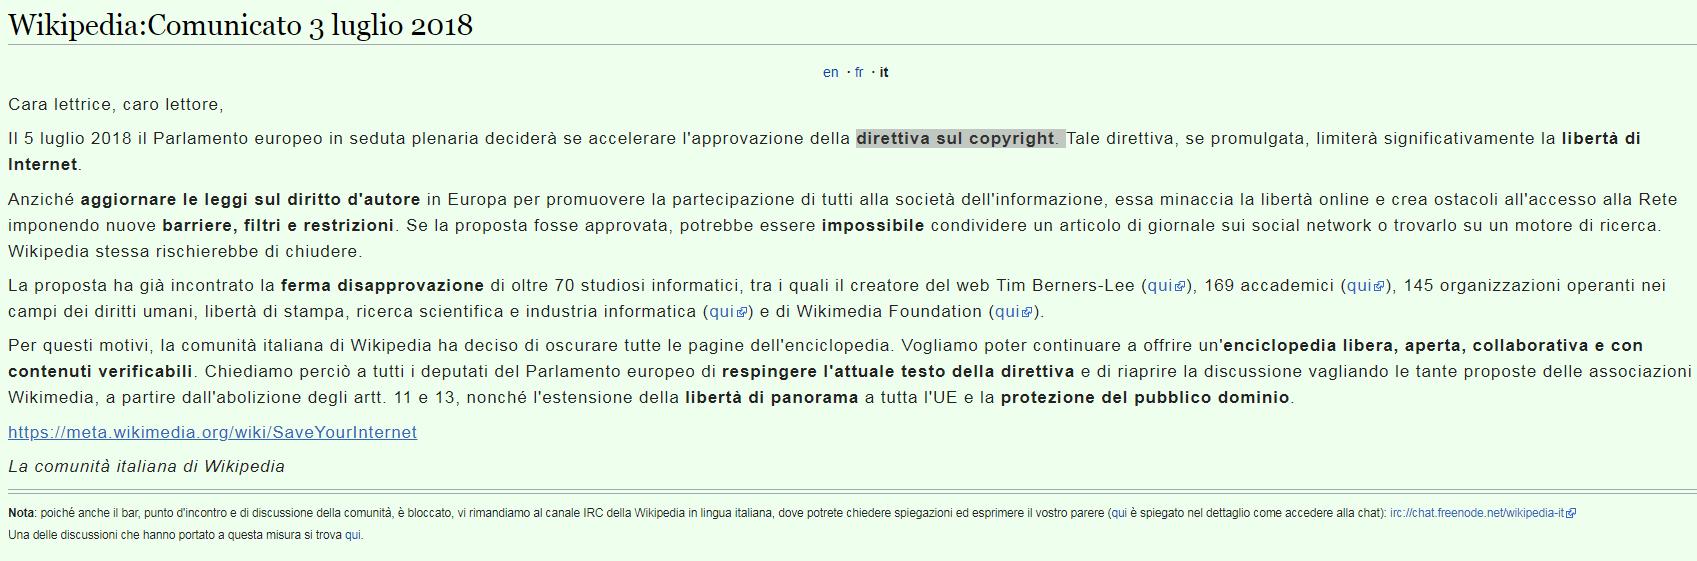 Wikipedia contro la nuova direttiva Ue sul copyright, enciclopedia bloccata | L Ue arriva a rassicurare, ma...